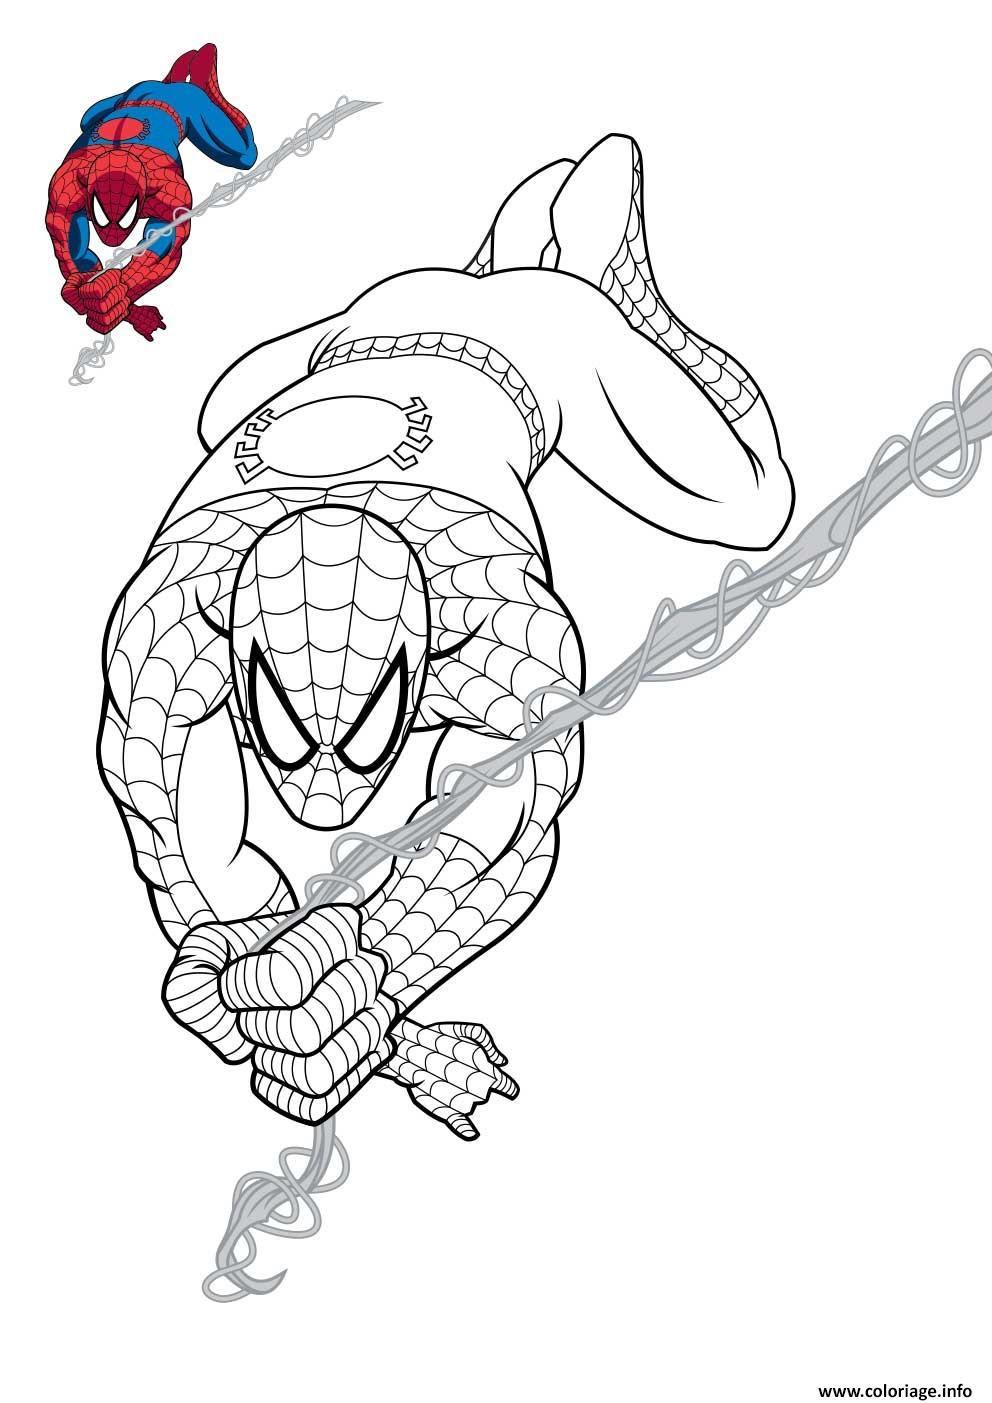 Coloriage spiderman en plein action dessin - Coloriage spider man ...